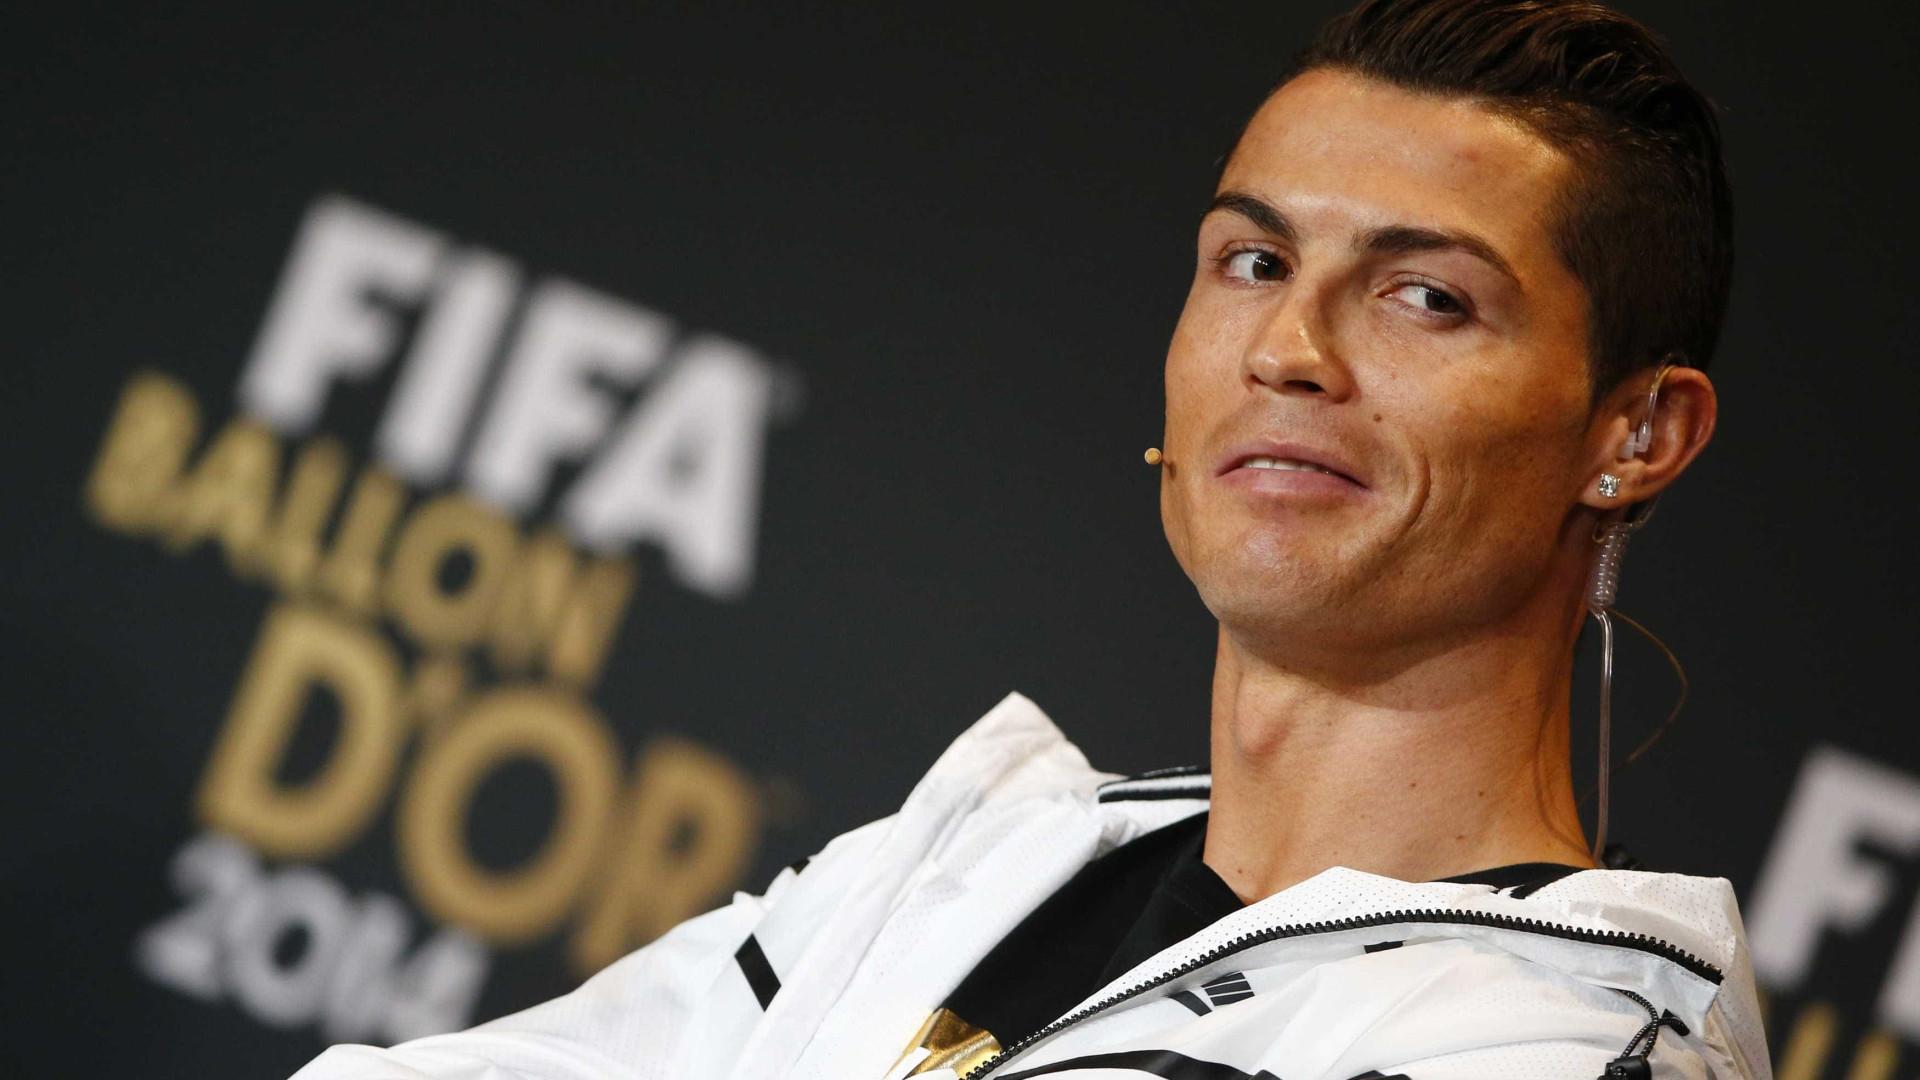 Os atletas mais bem pagos do planeta: Portugal também é campeão aqui